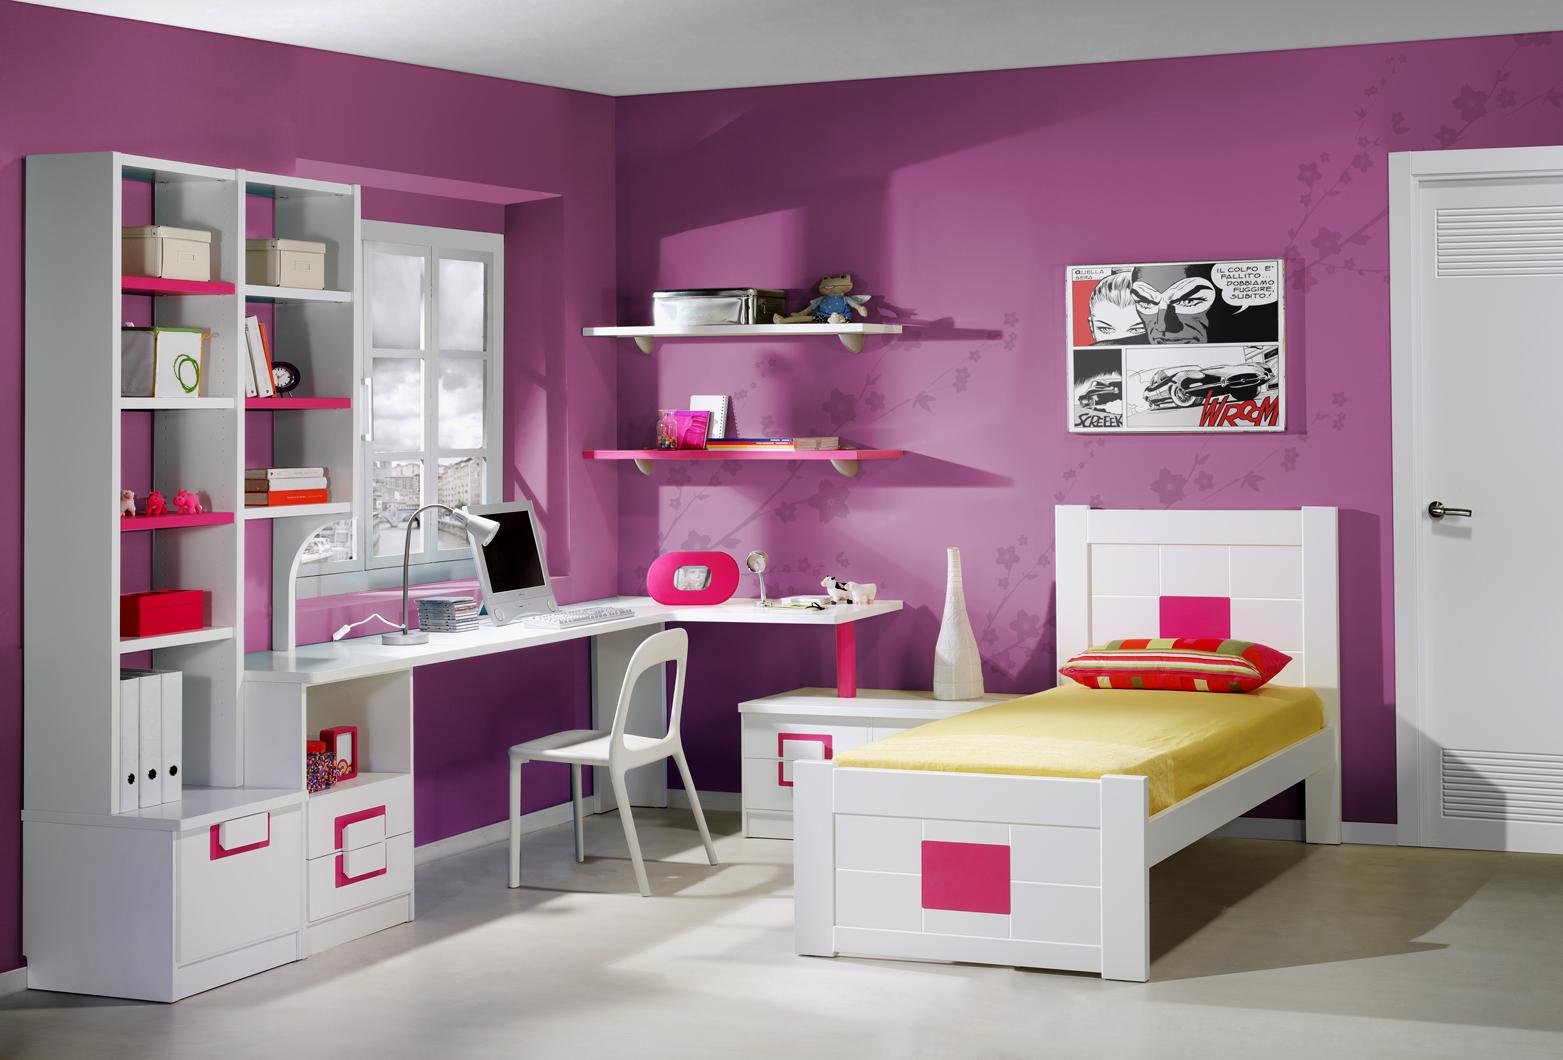 Dormitorios juveniles con cabecero camas individuales - Decoracion habitaciones juveniles nina ...